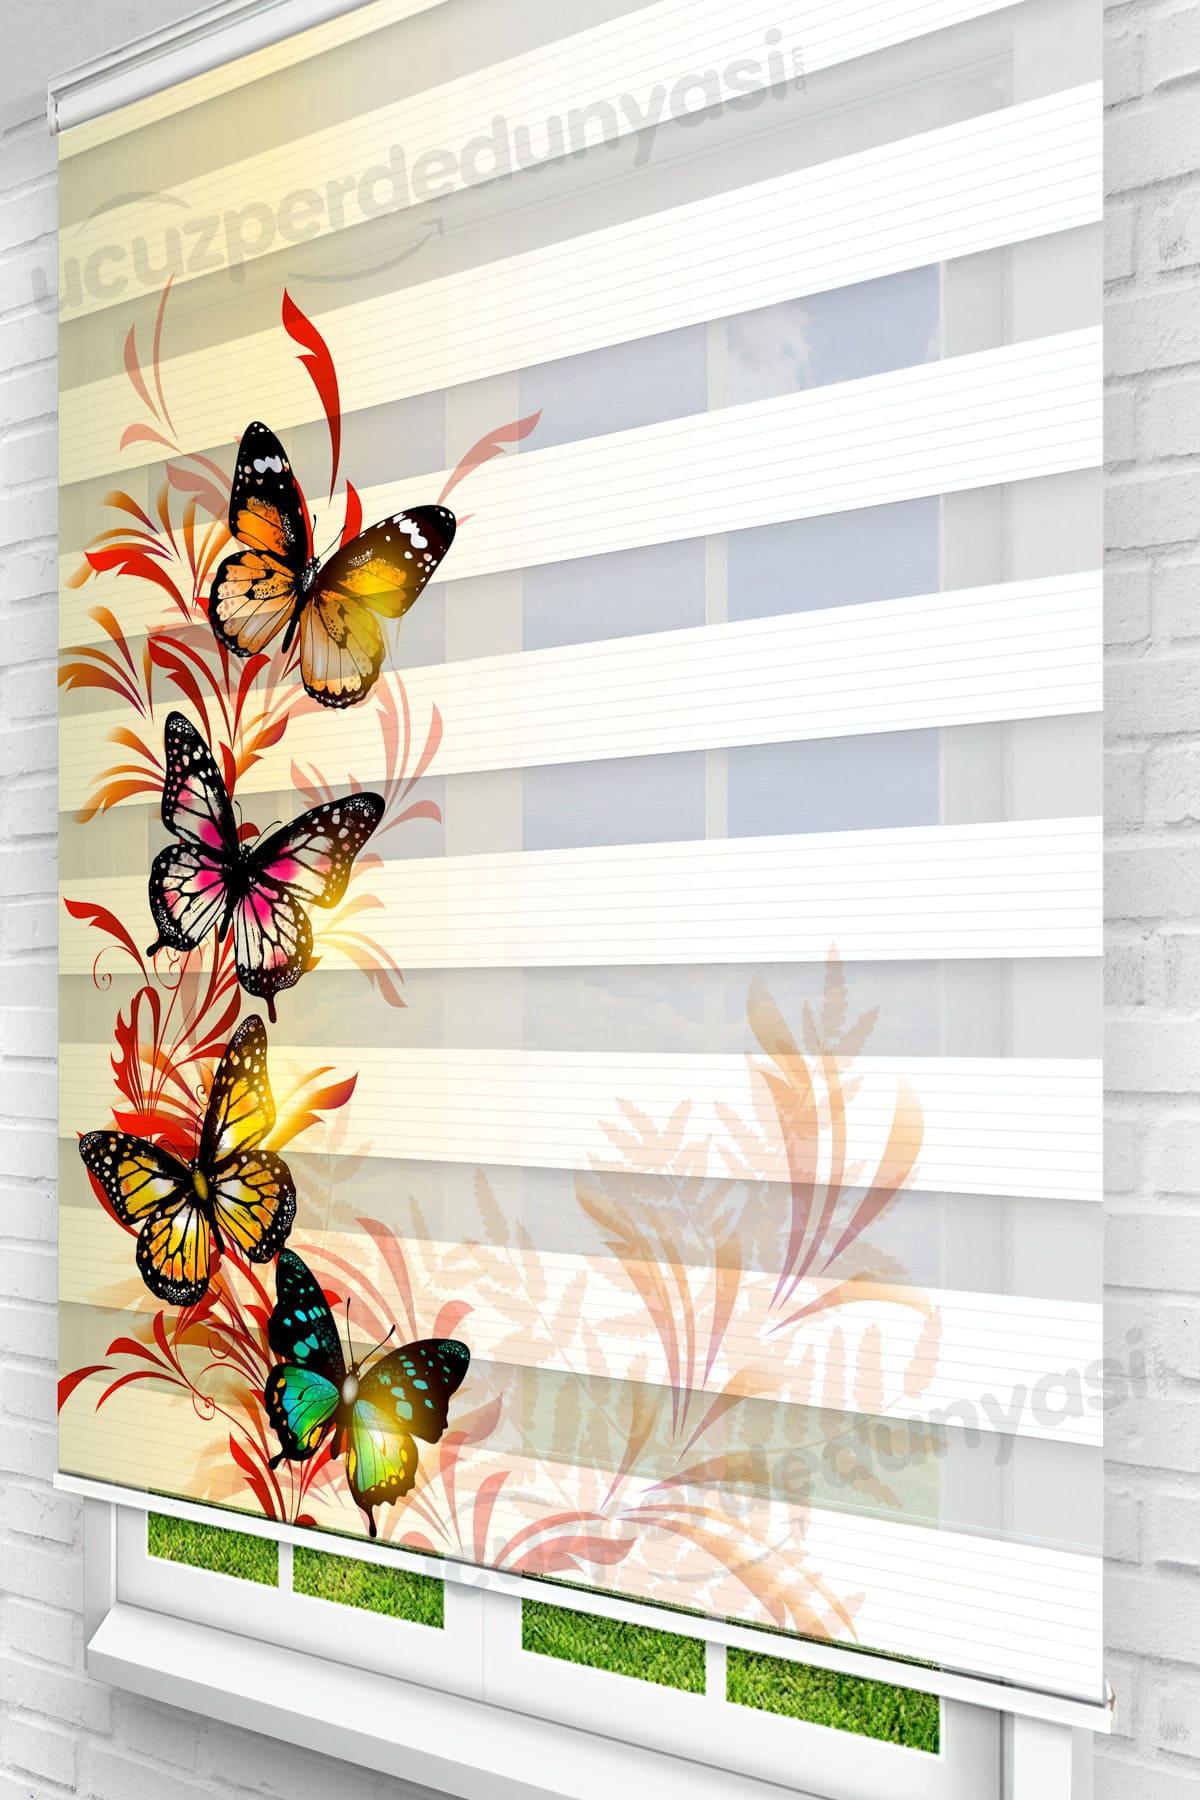 Yaprak Üstündeki Kelebekler Mutfak Zebra Perde